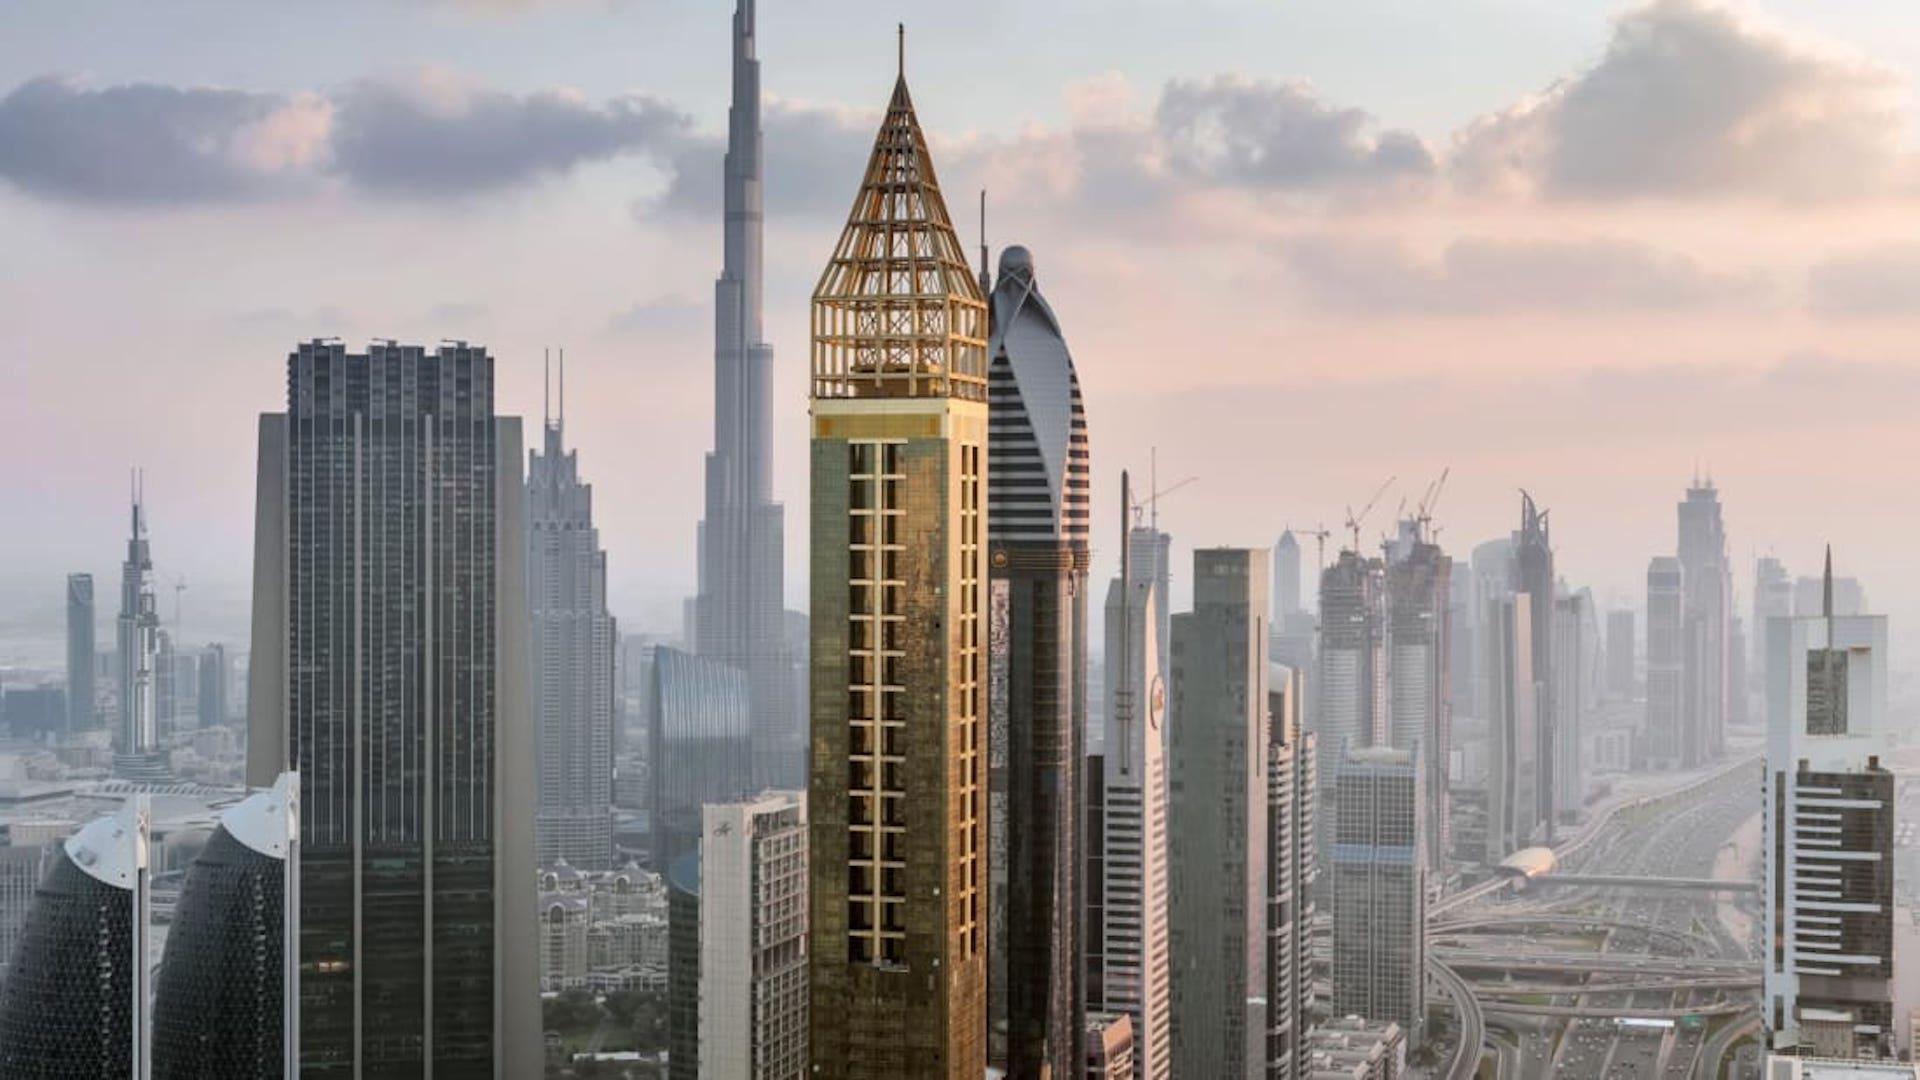 Este es el hotel más alto del mundo: The Gevora Dubái